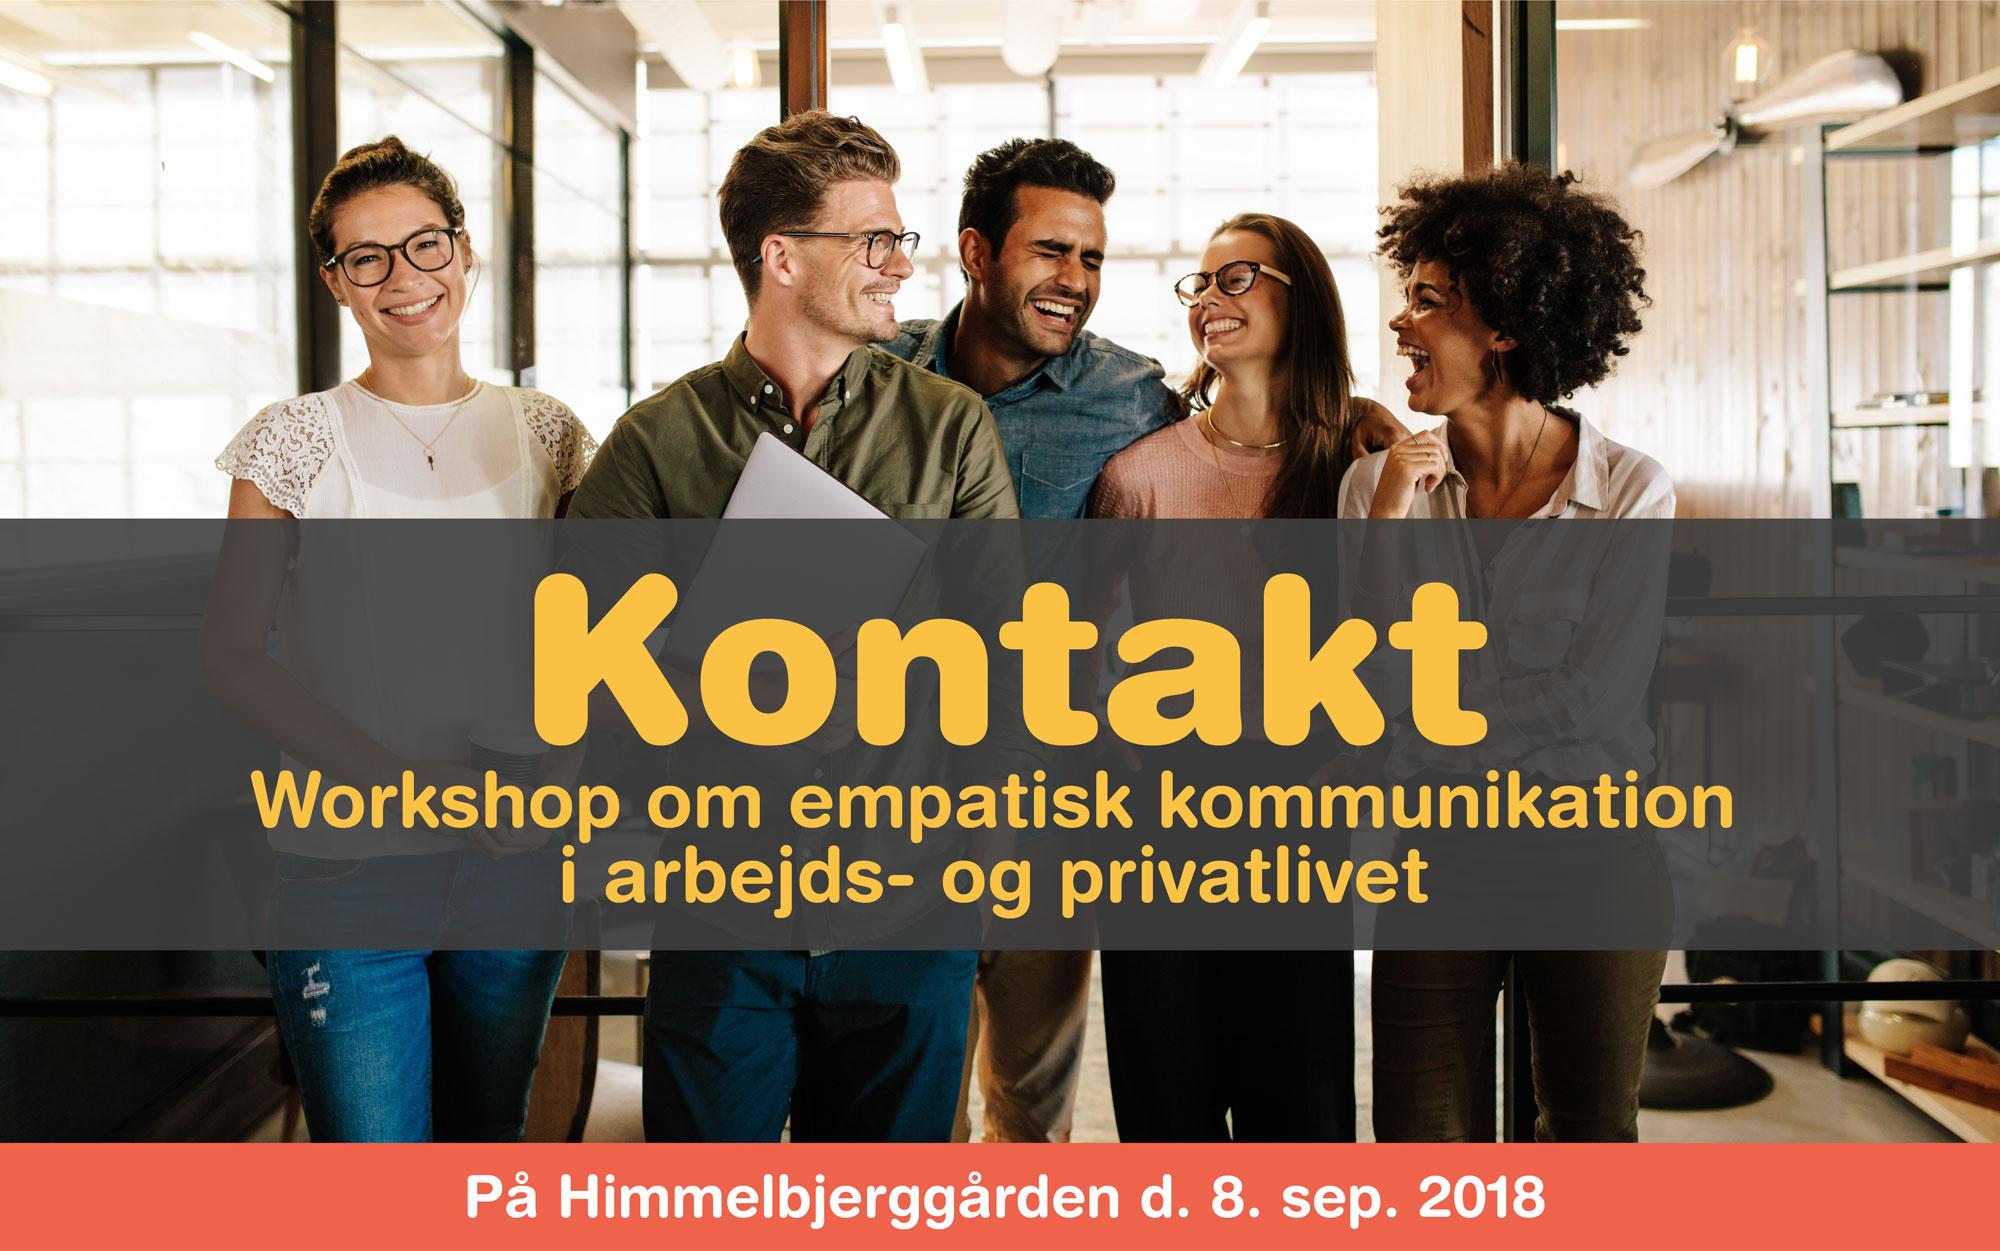 KONTAKT - workshop om empatisk kommunikation